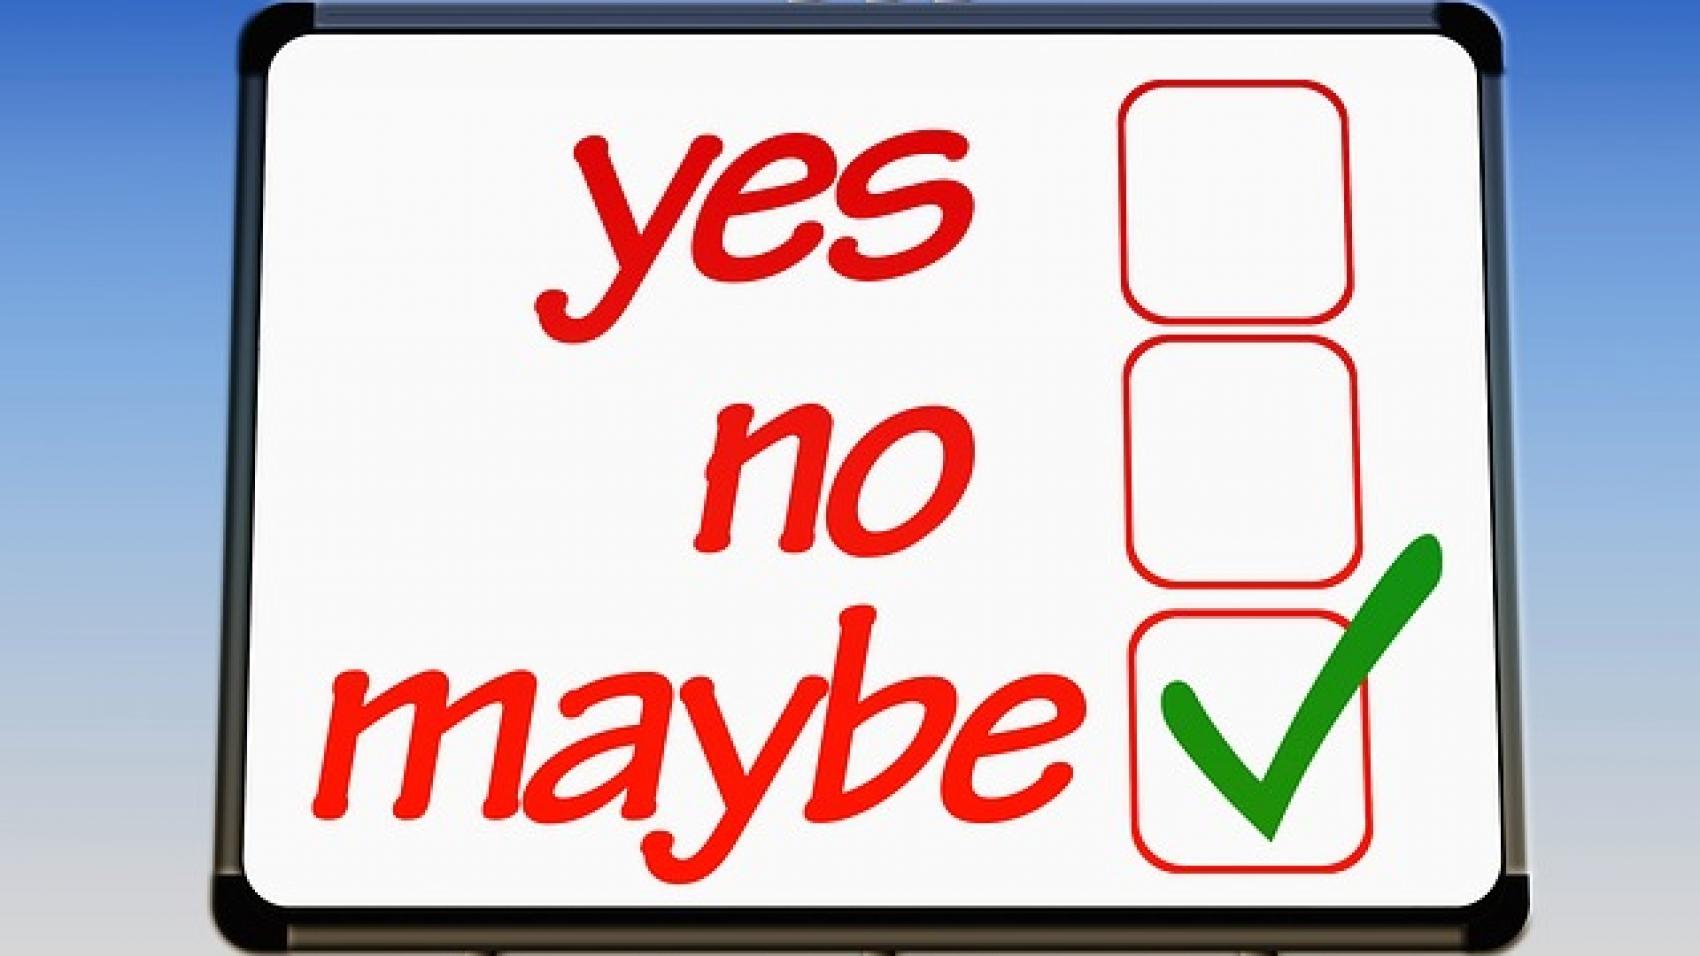 f884b9211ab7f147_640_choice